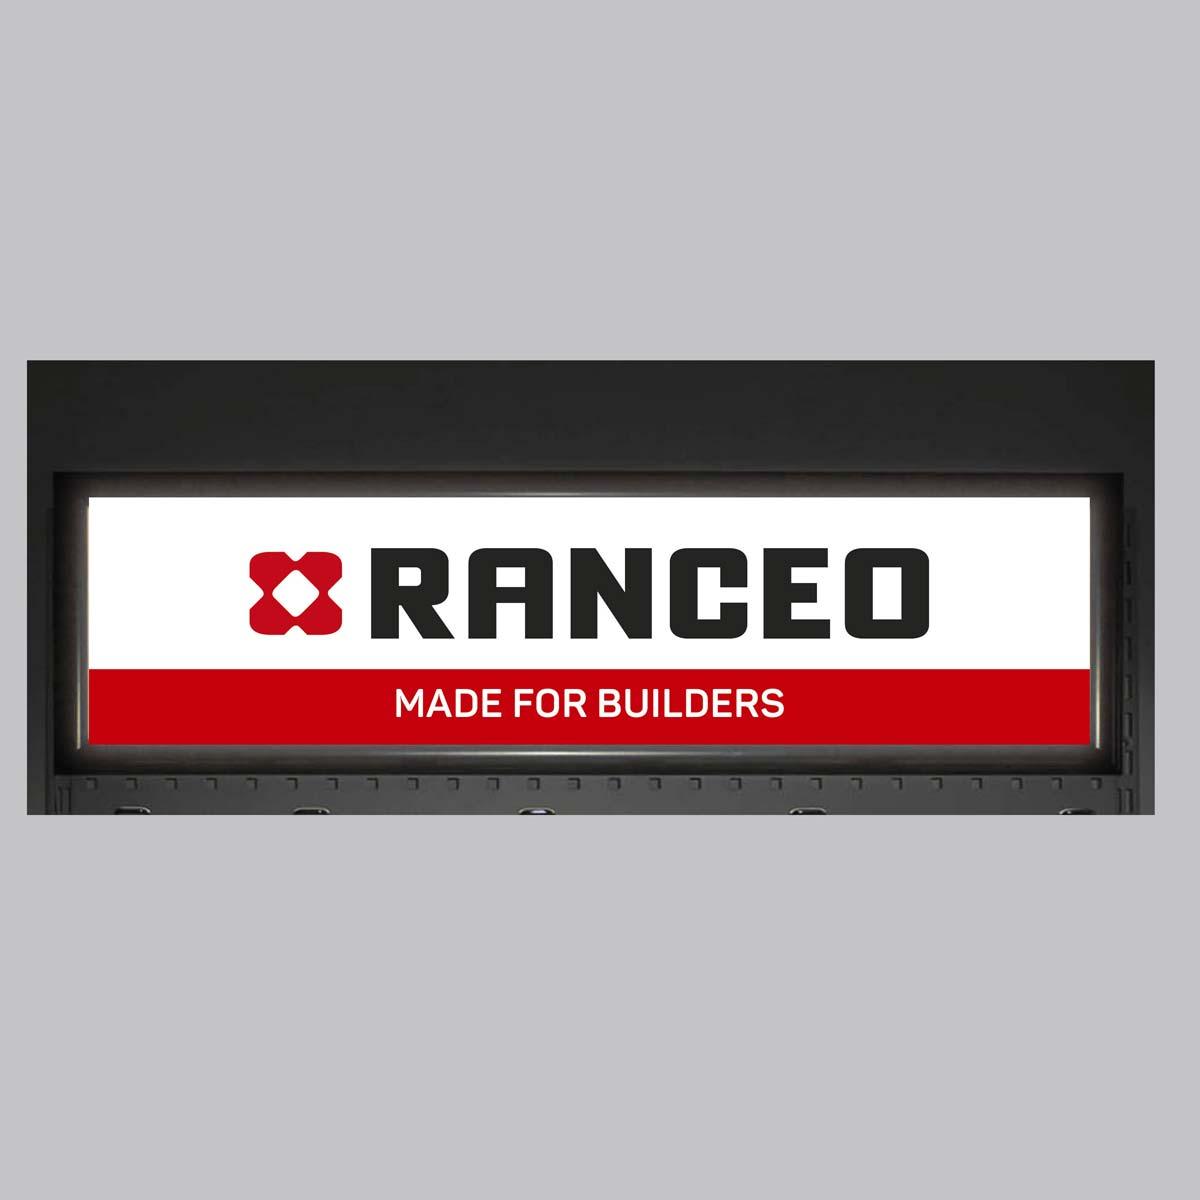 RANCEO - POS - B2B - Topskilt lysskilt til produktvæg